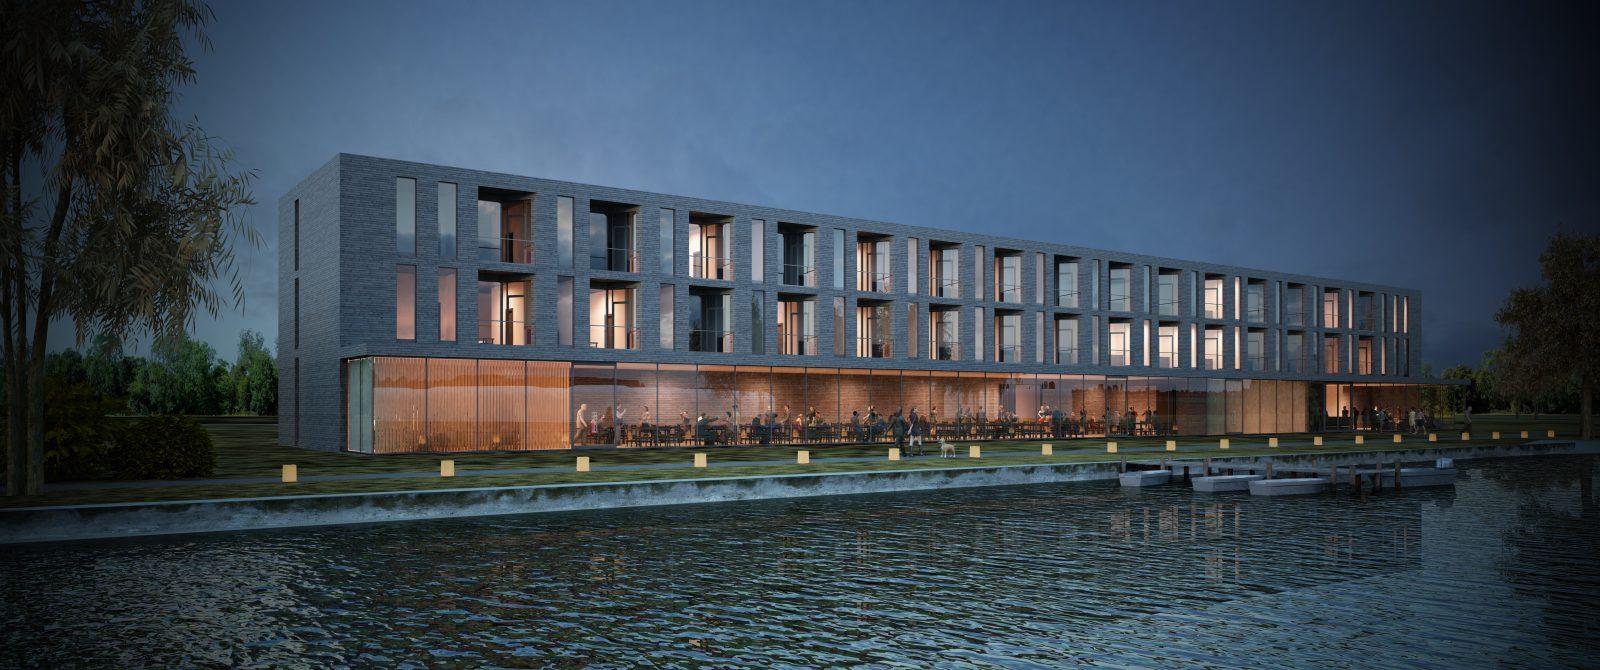 Wettbewerb Hotel Trixi